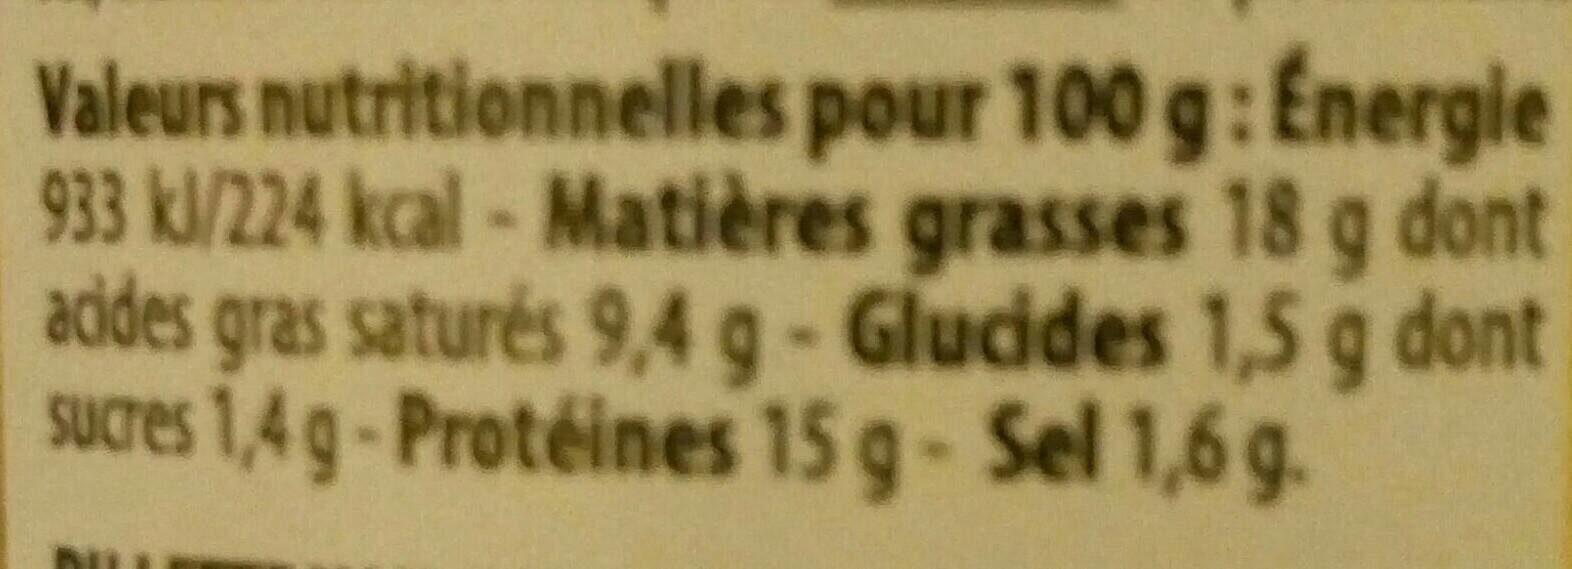 Rillettes de truite fumée - Informations nutritionnelles - fr